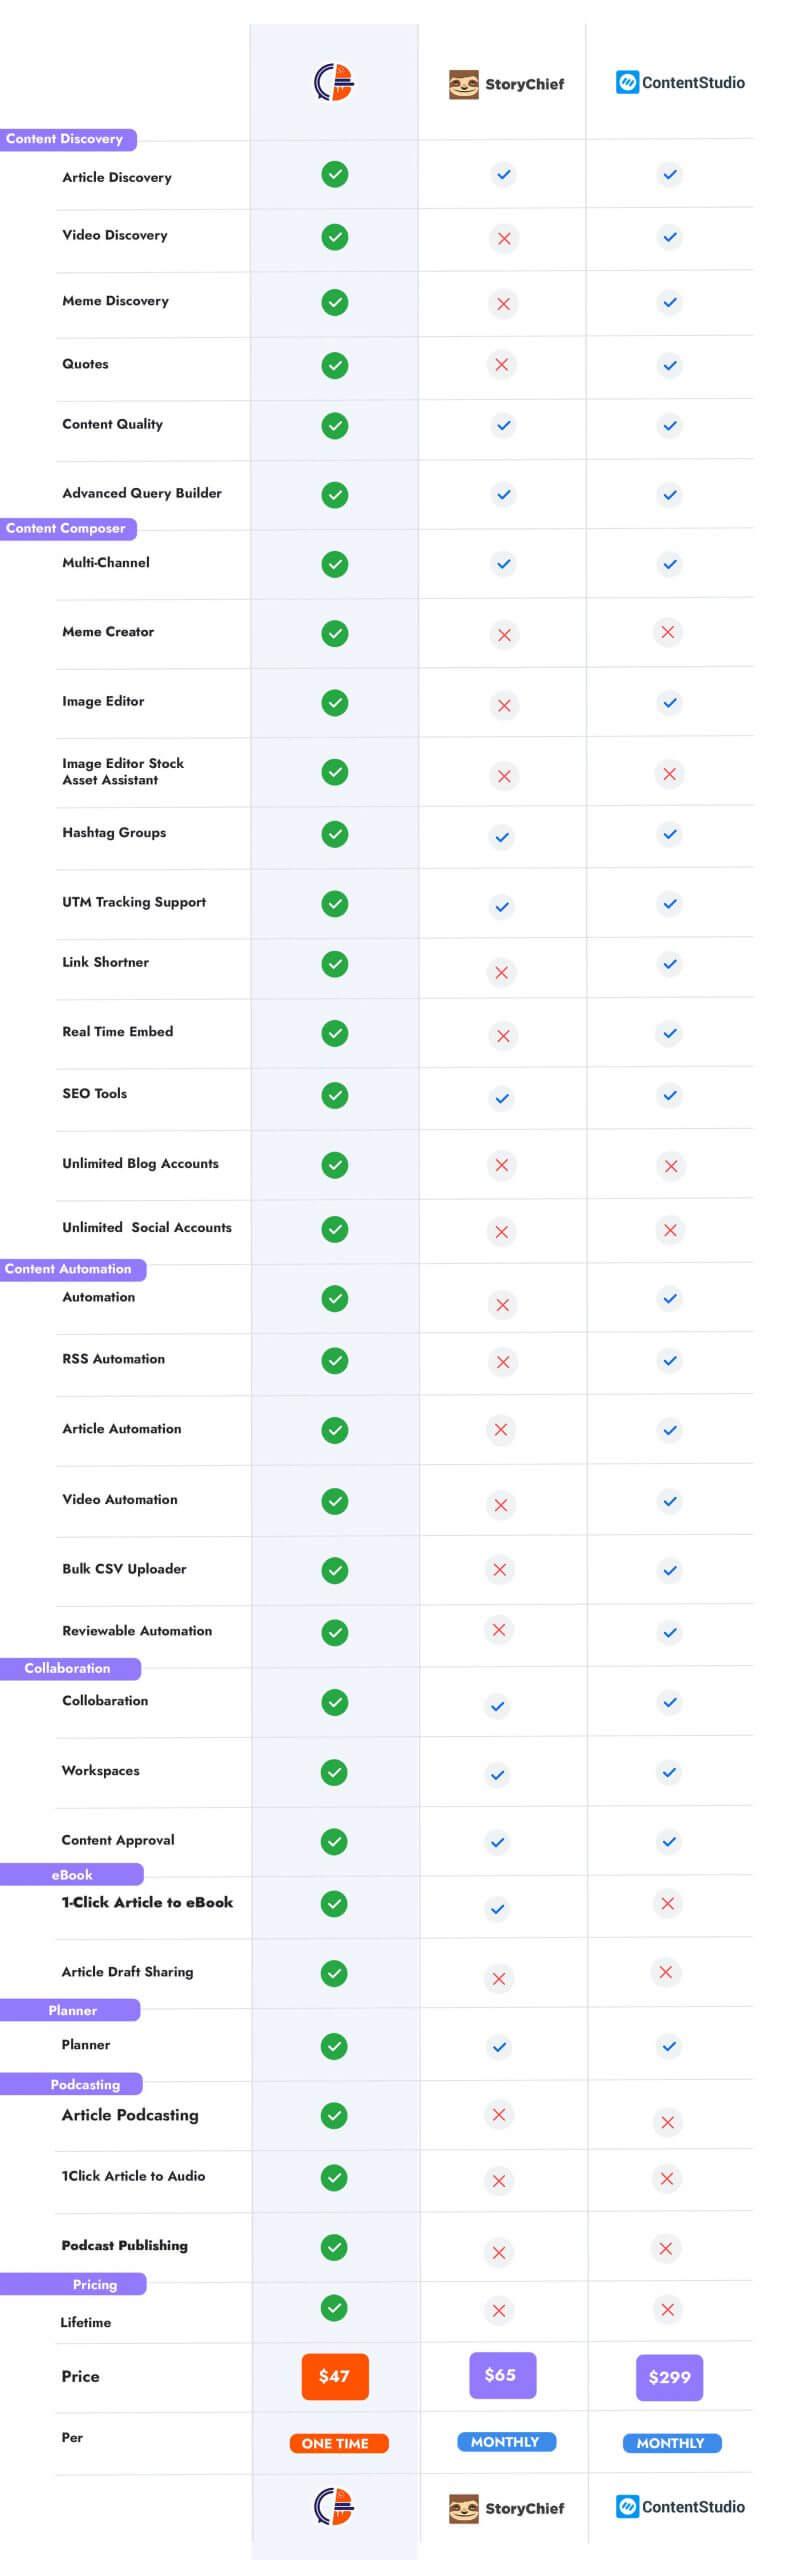 ContentBurger-Comparison